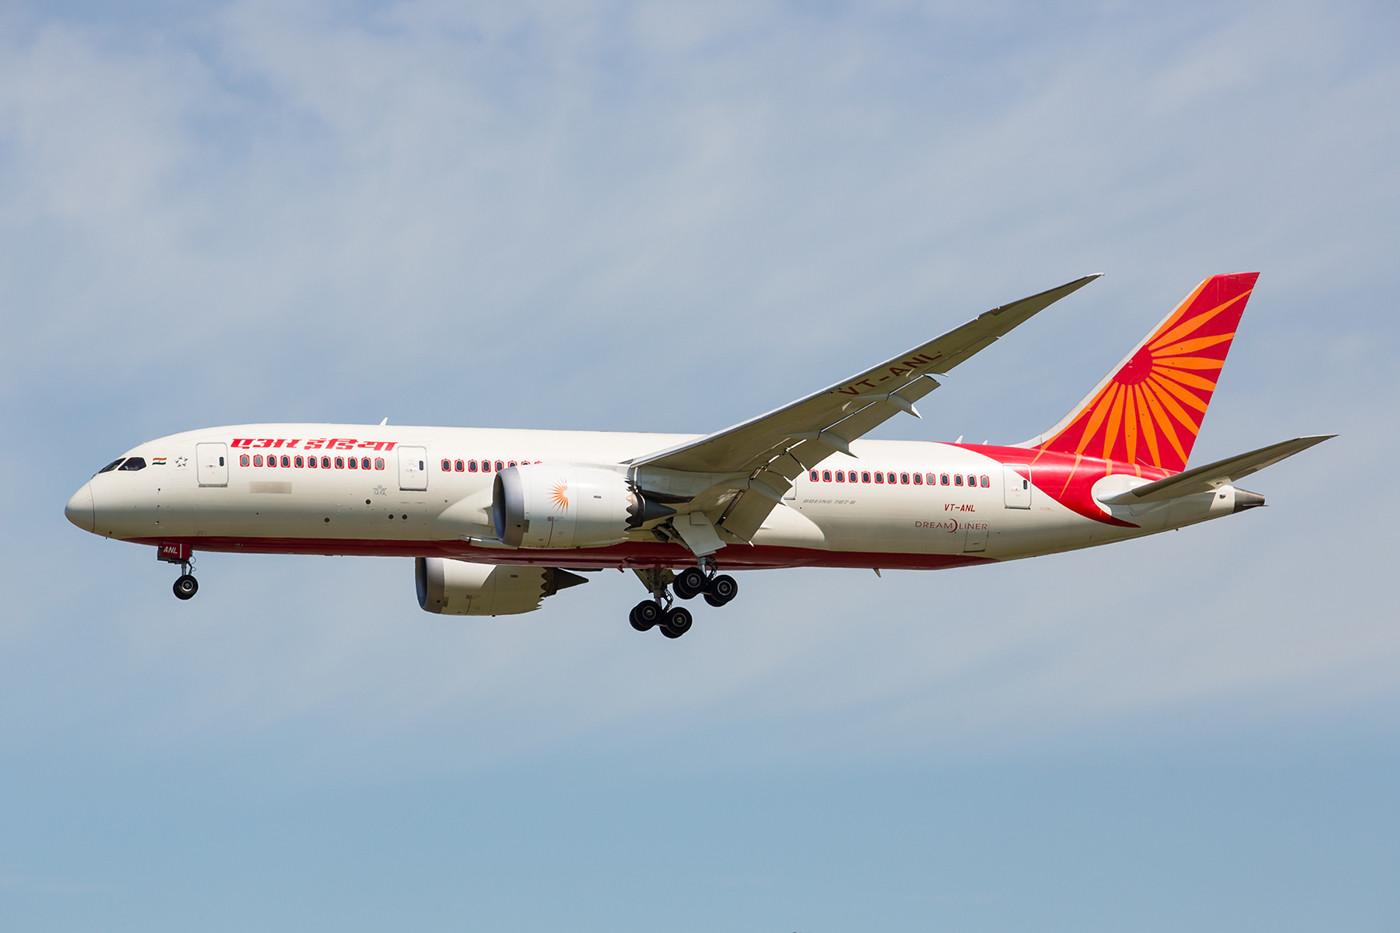 Air India hat täglich drei Kurse in die britische Hauptstadt, jedoch nur die Verbindung nach Mumbai wird mit dem Dreamliner beflogen.